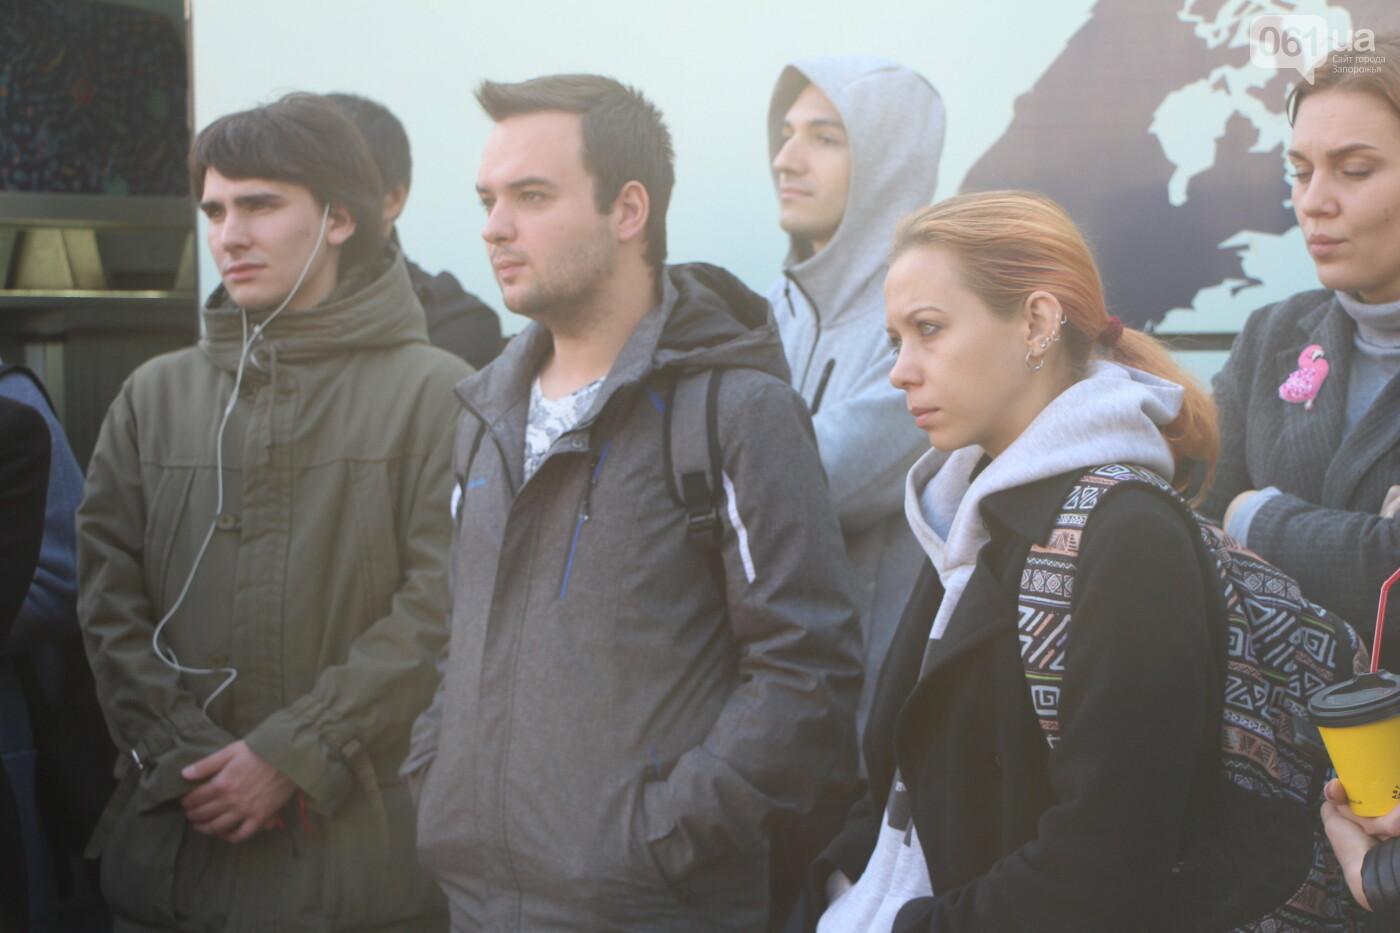 """""""Анисимов просто лох"""": на антикоррупционной экскурсии рассказали, кто приезжает в новый """"золотой офис"""", - ФОТОРЕПОРТАЖ, фото-8"""